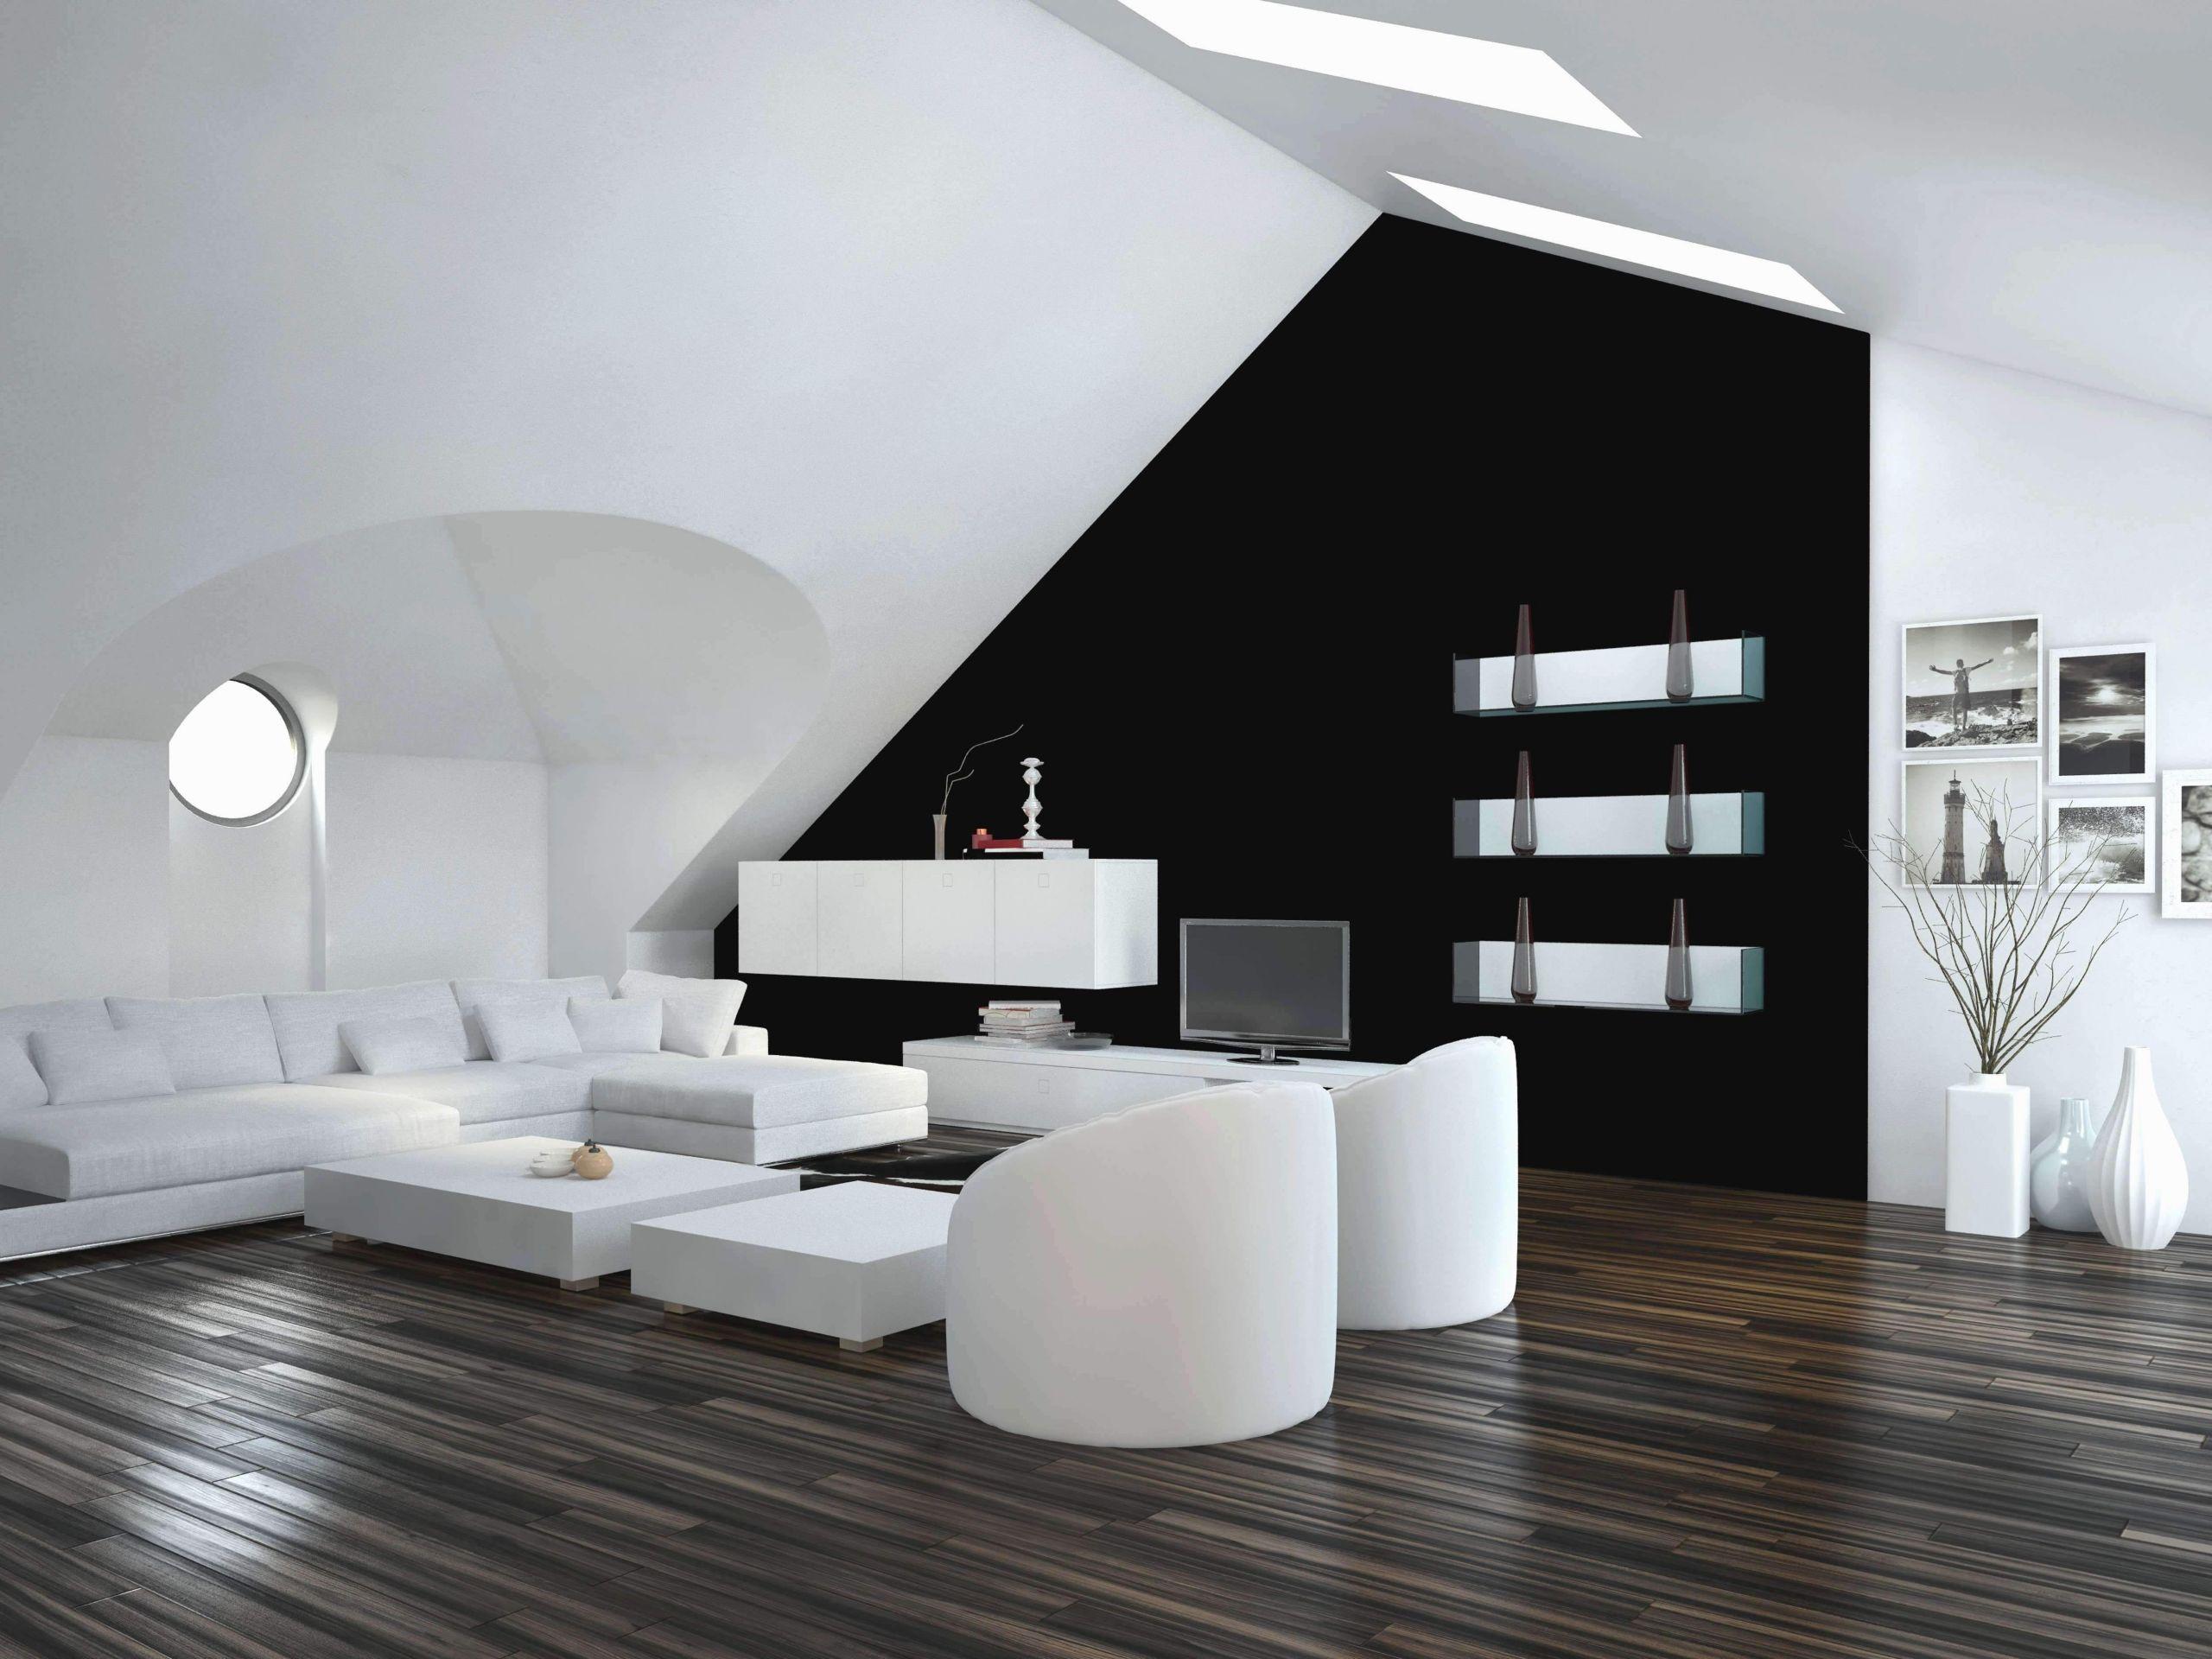 dekoration wohnzimmer ideen genial wohnzimmer steinwand schon wohnzimmer deko ideen aktuelle of dekoration wohnzimmer ideen